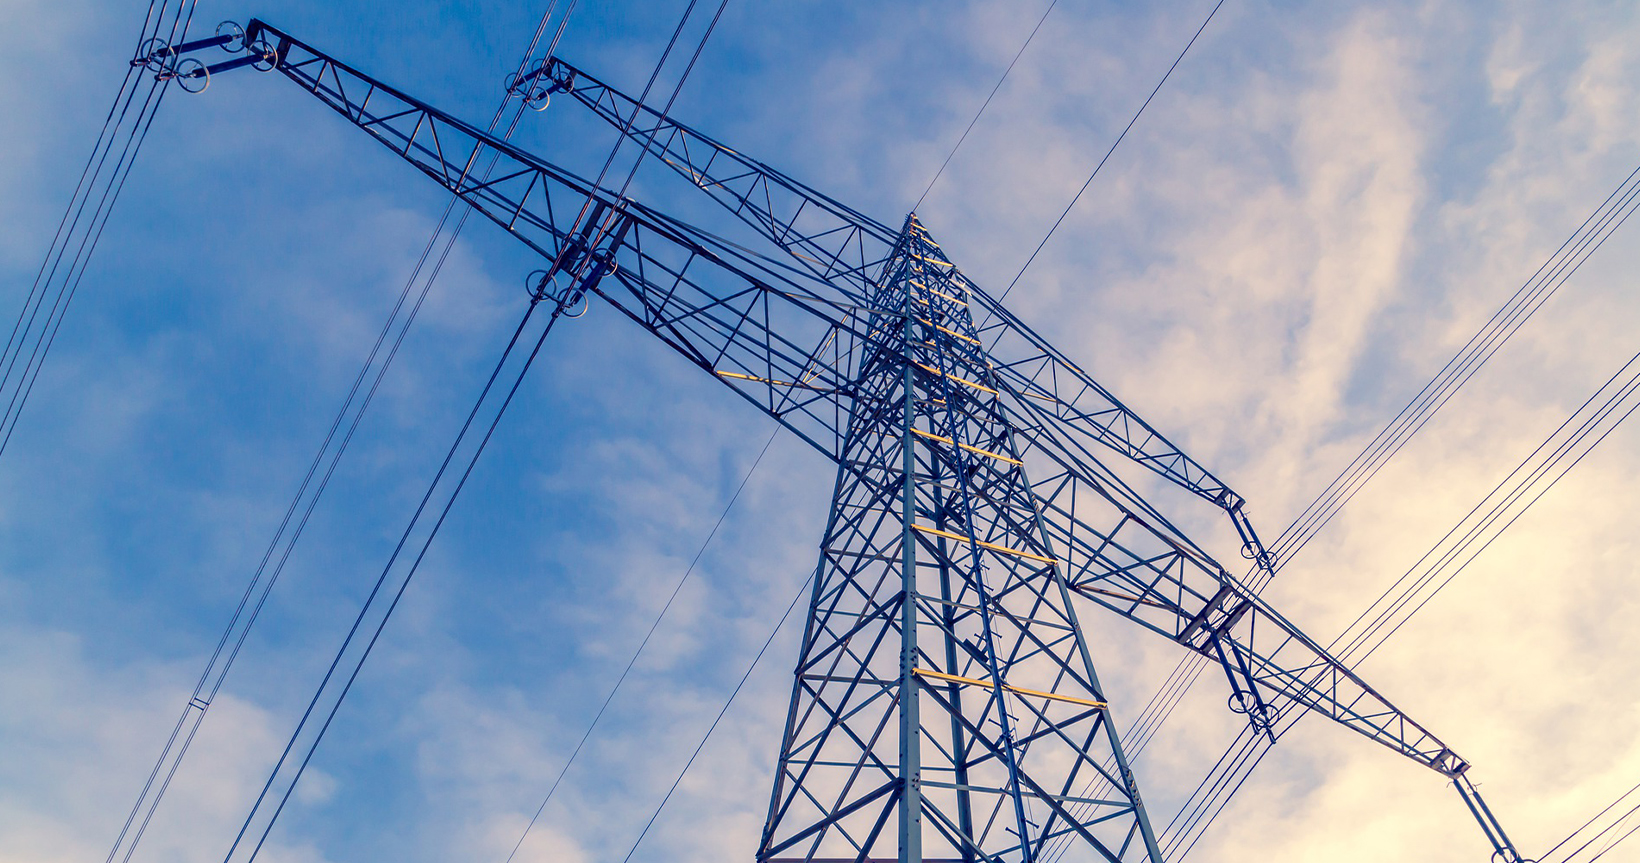 Centros de transformación de energía